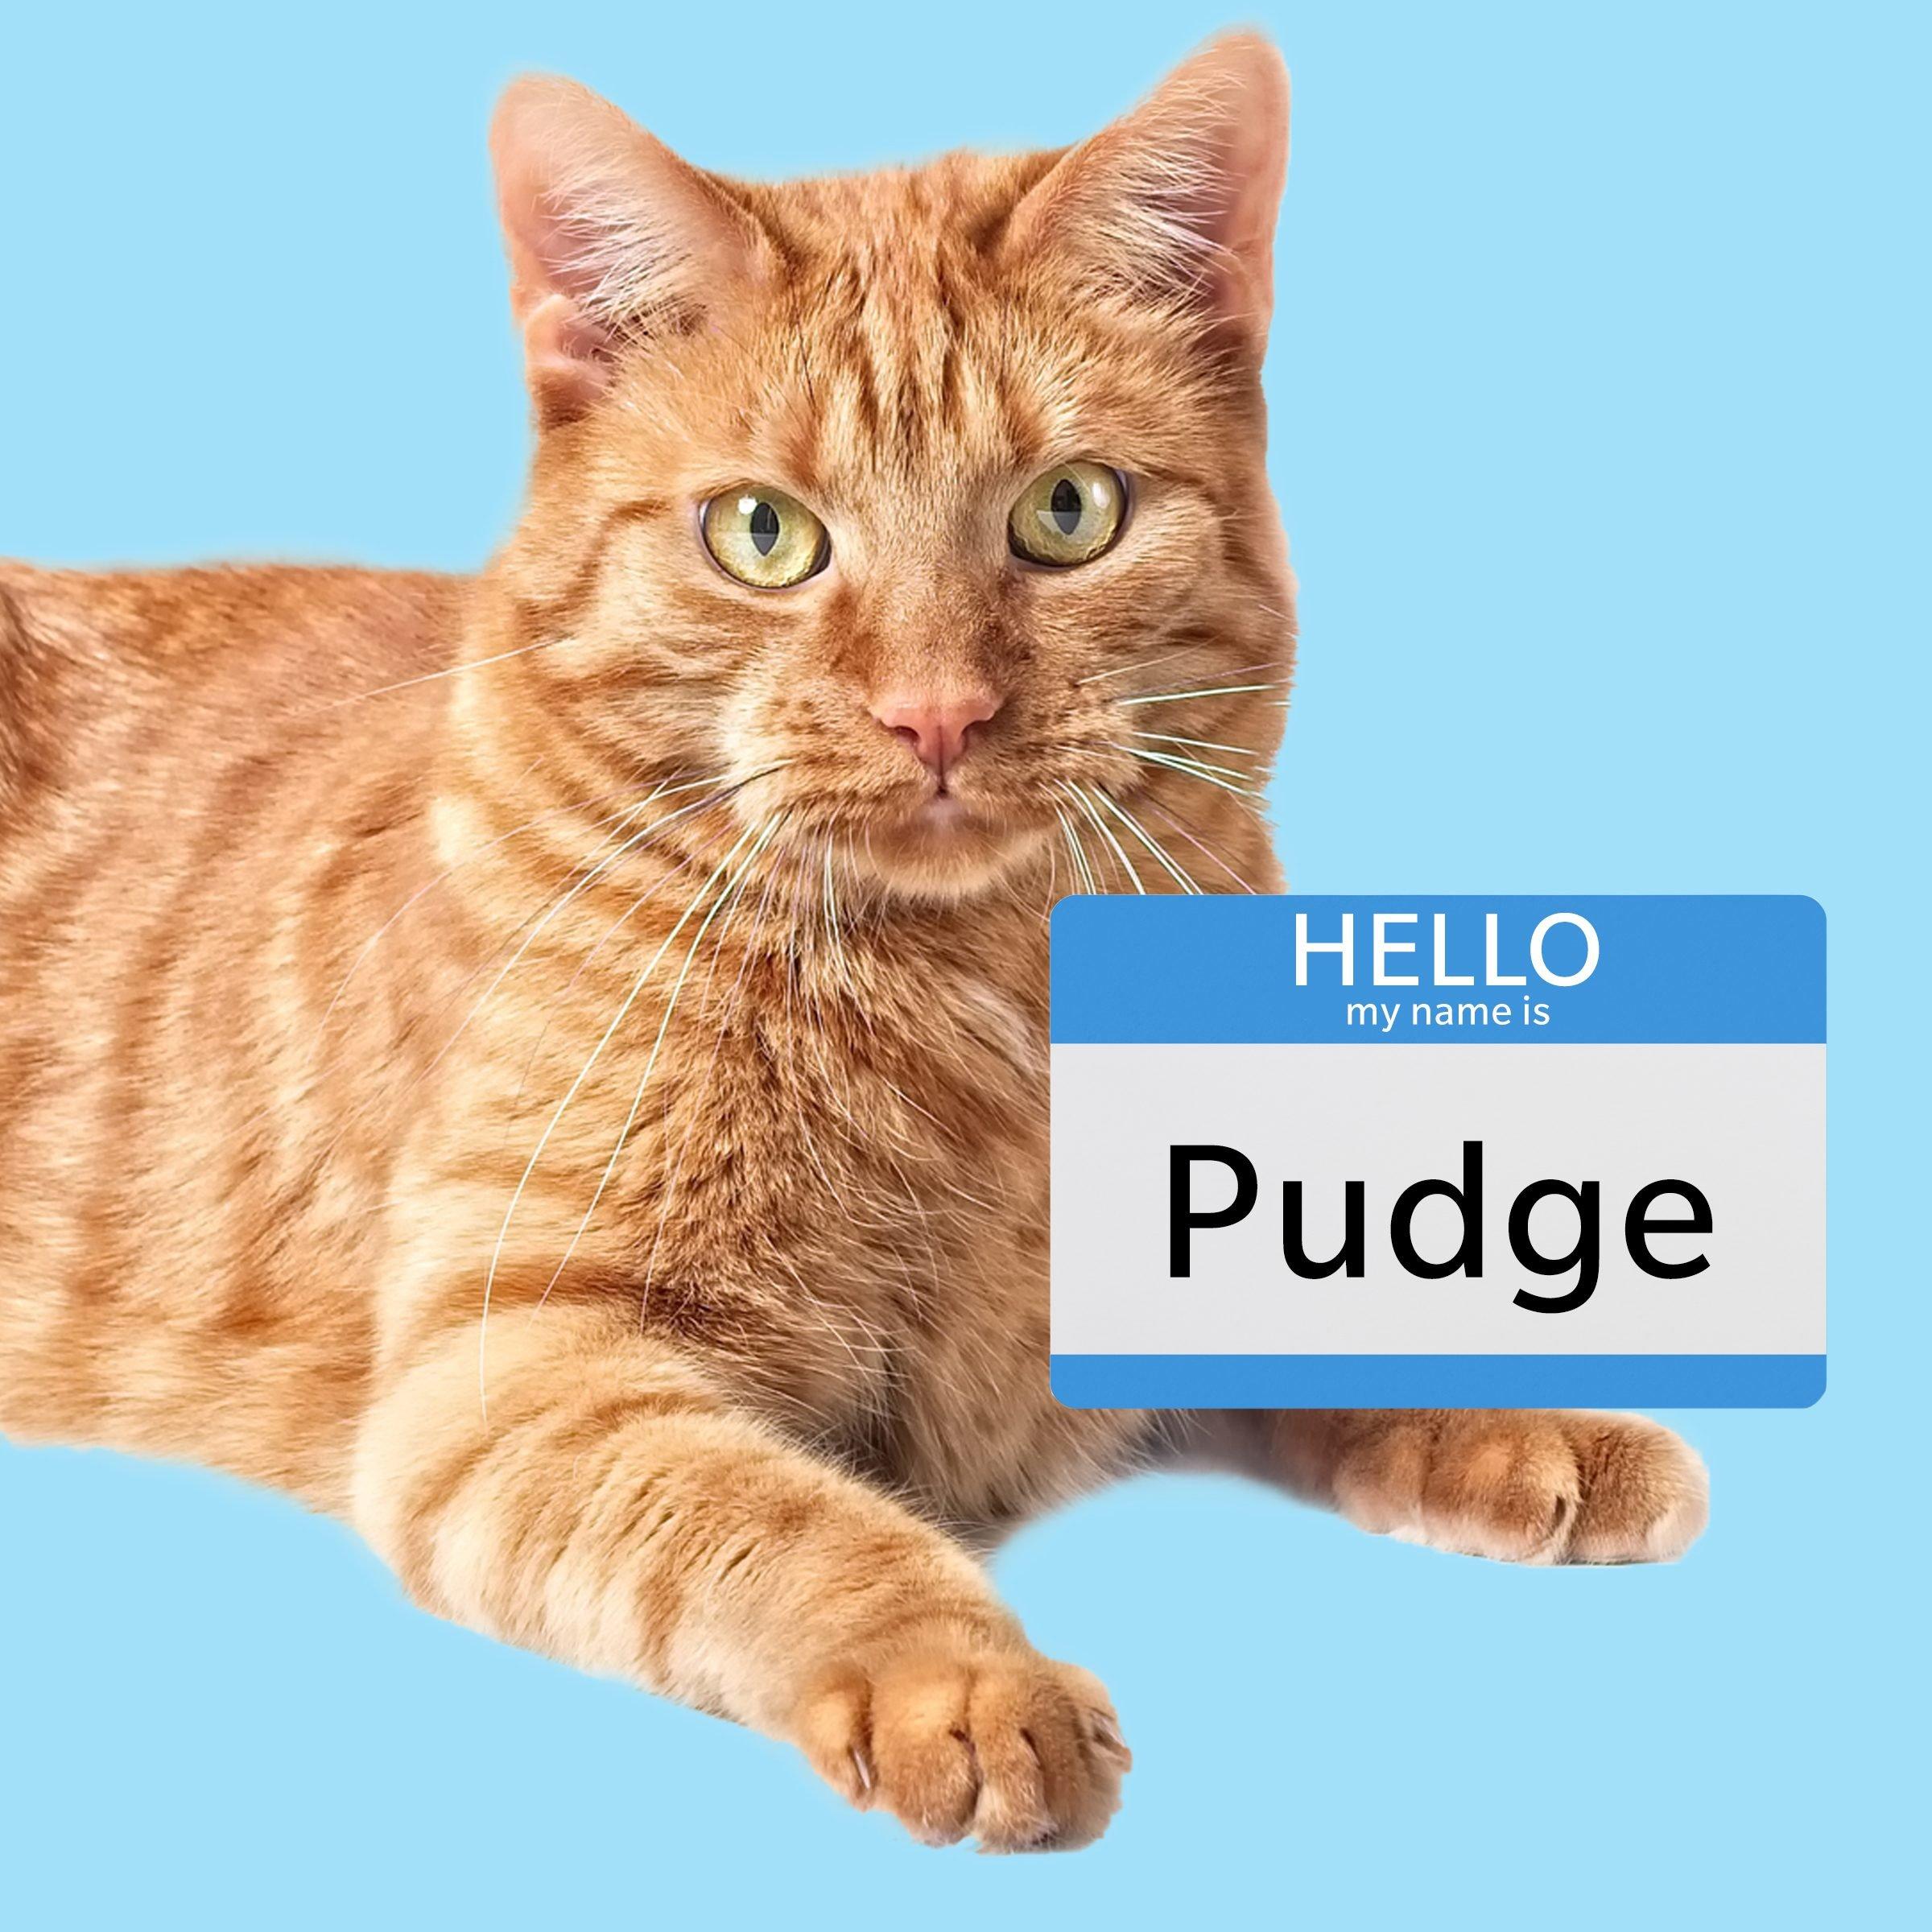 Pudge, a unique boy cat name